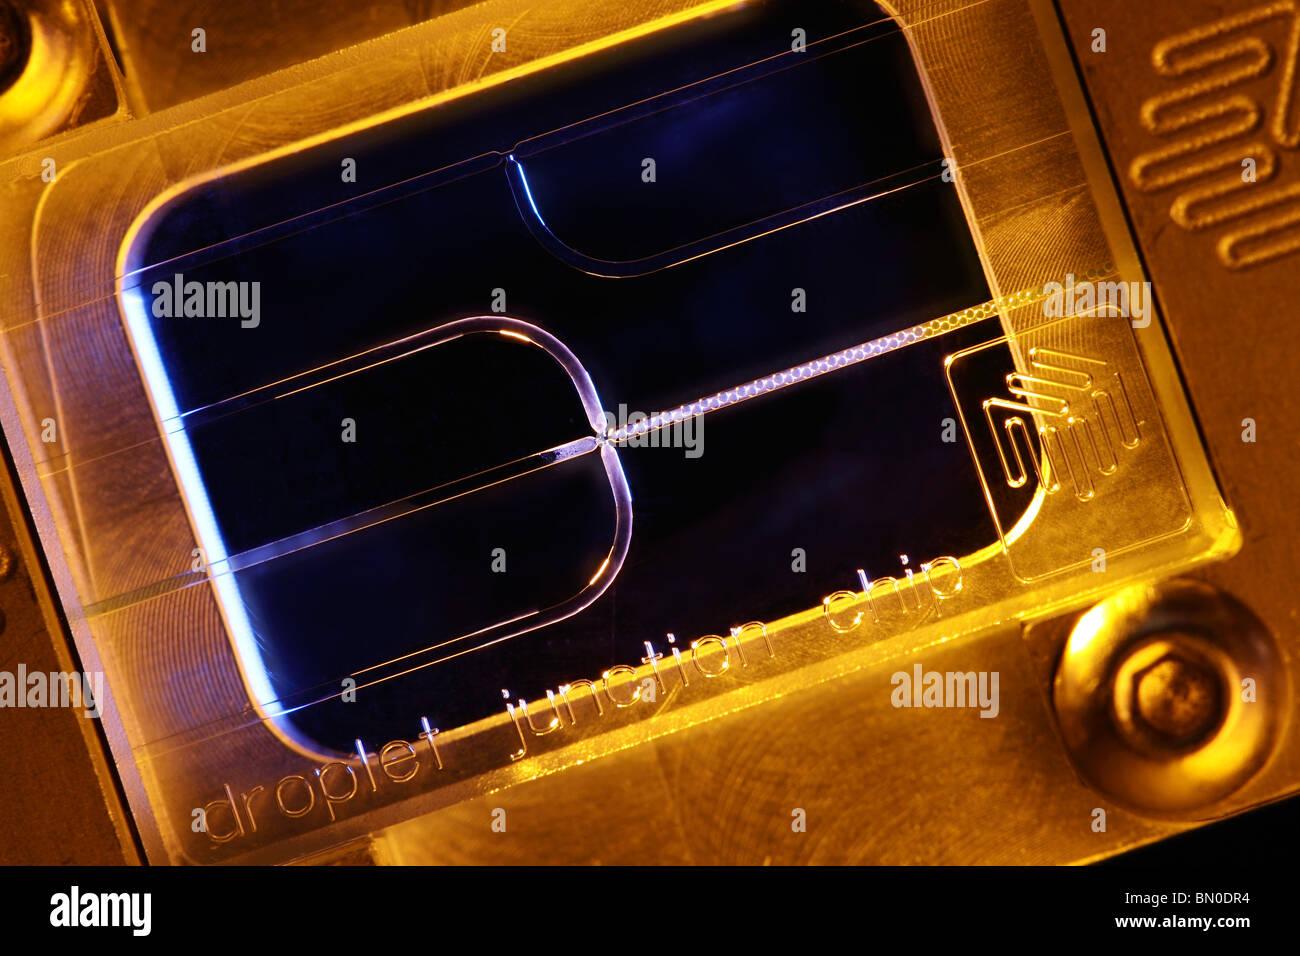 Microfluidic gota de vidrio grabado junction chip para mono la formación de gotas dispersas en micro y nano Imagen De Stock